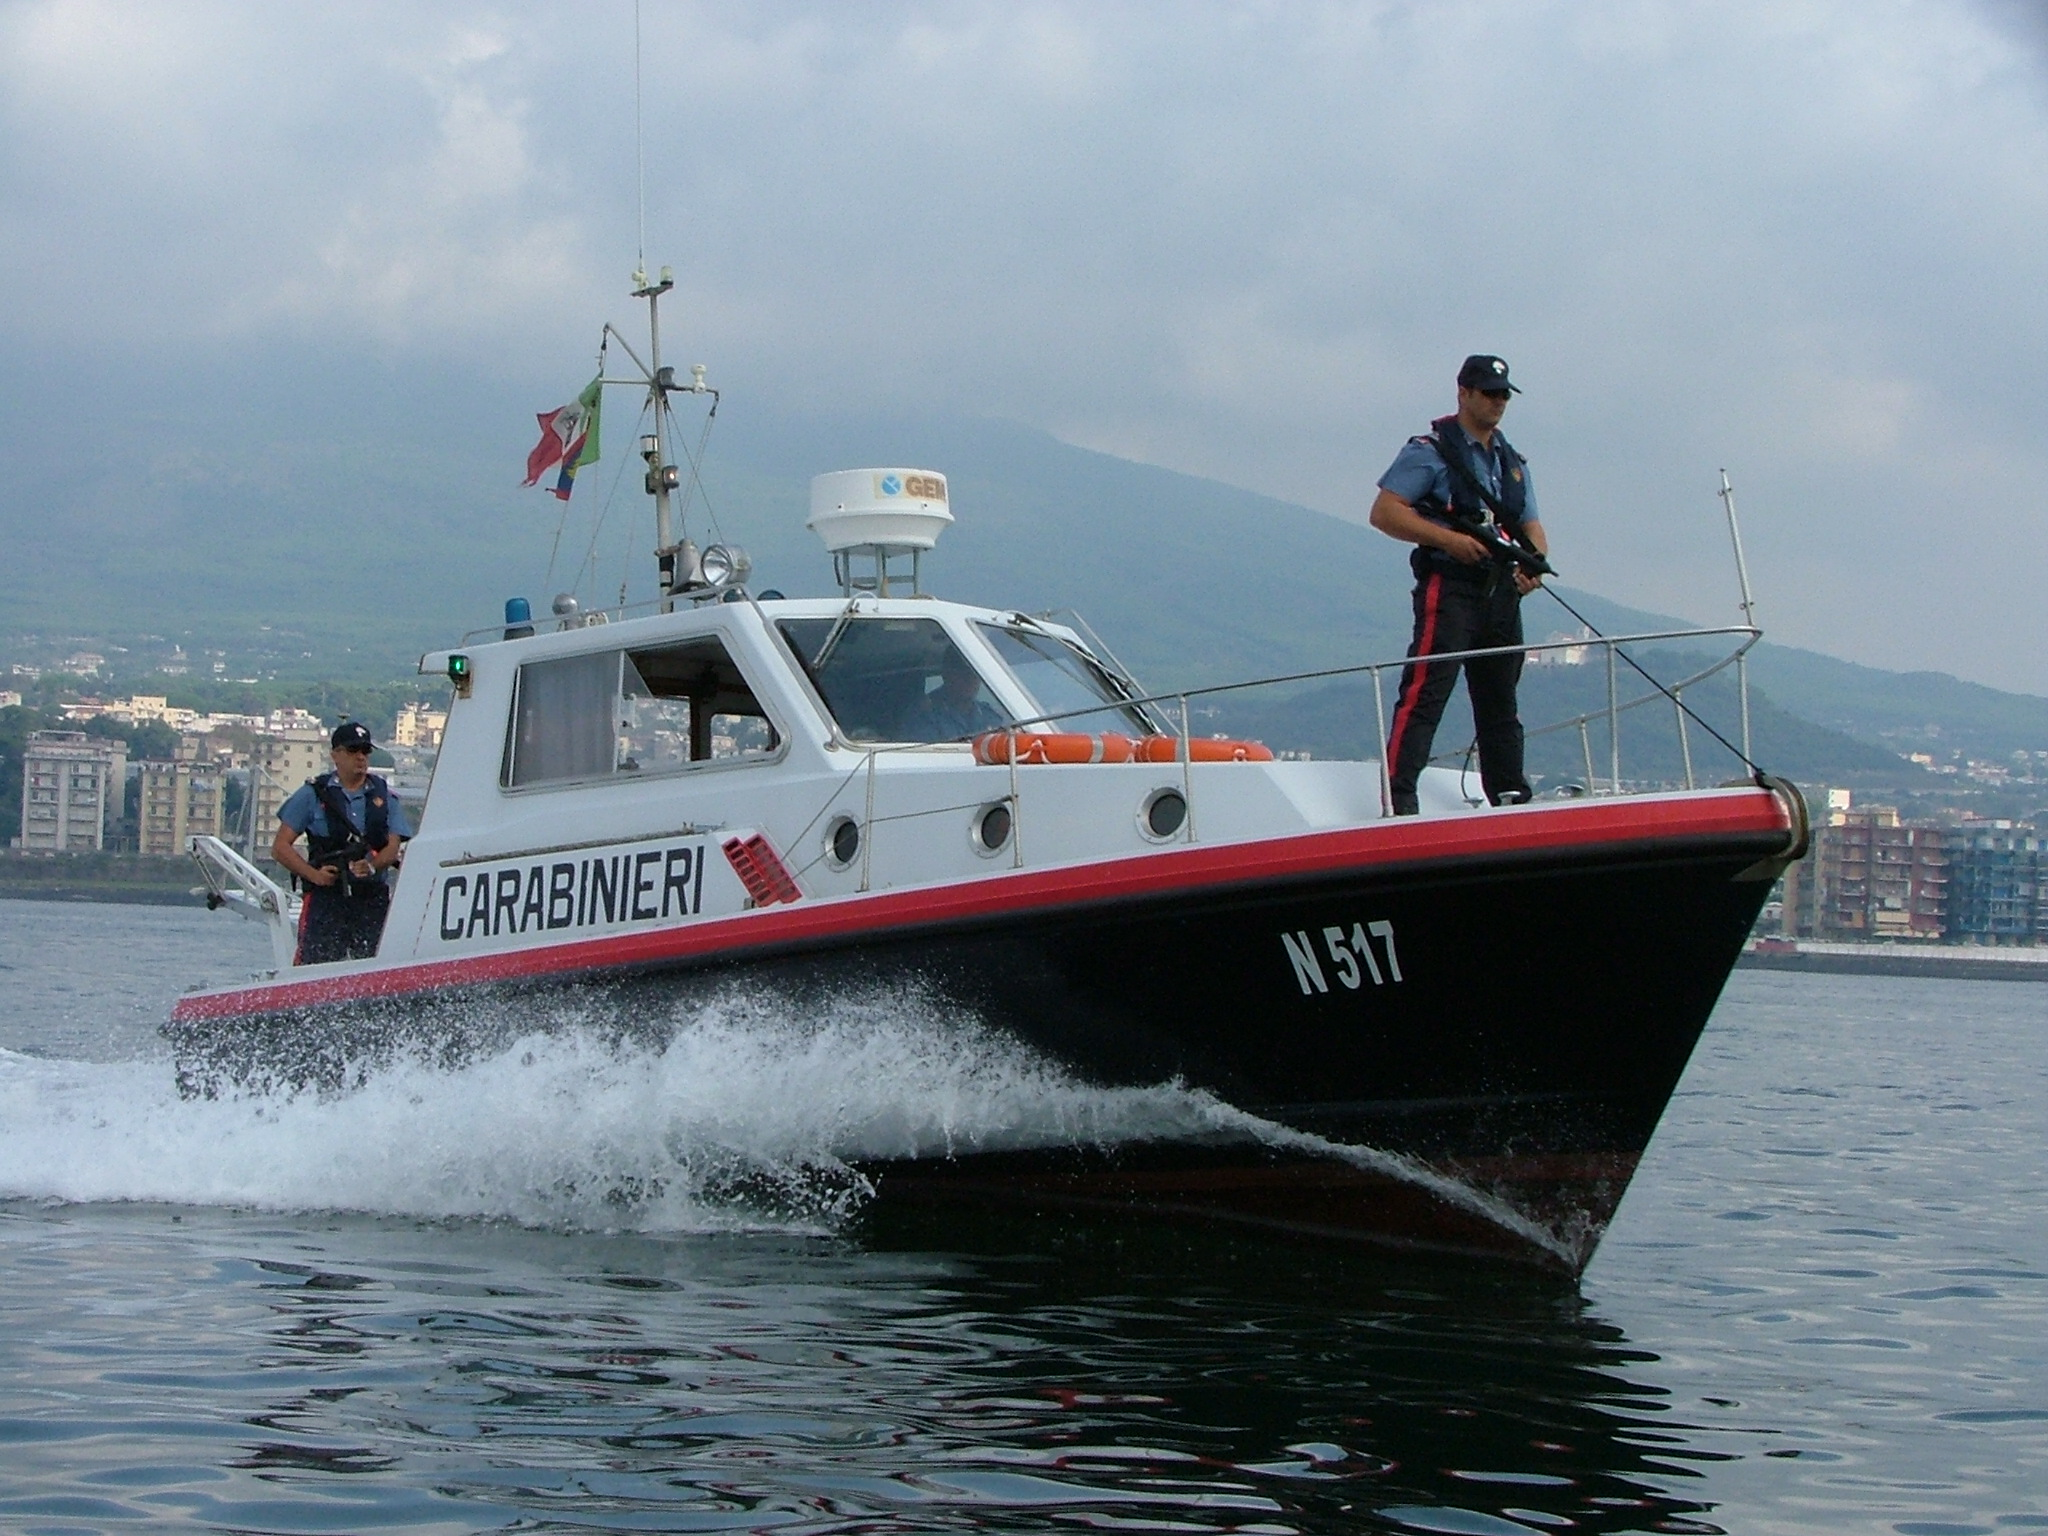 Tra i bagnanti nel Vibonese con un acquascootersenza patente e assicurazione, sequestro e multa